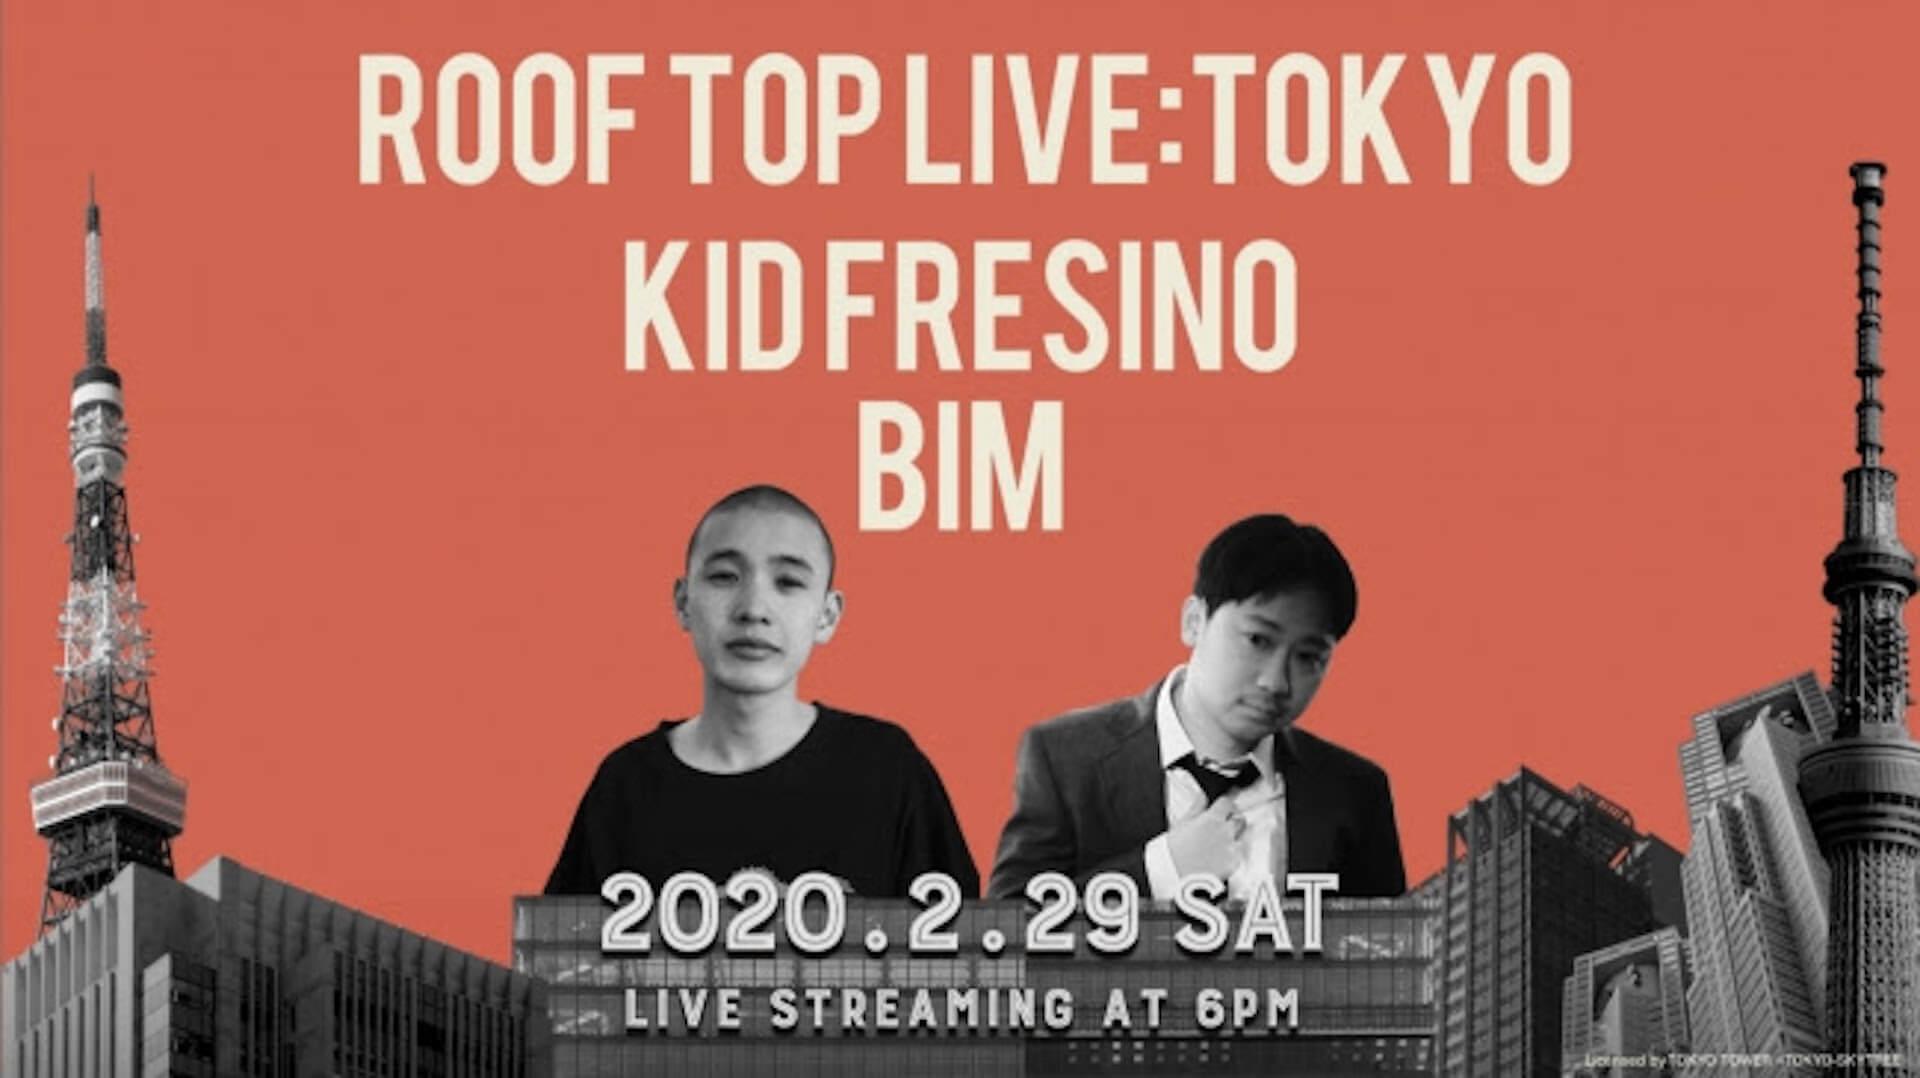 「東京動画」が生配信ライブ<ROOF TOP LIVE:TOKYO>を開催!第1回目ゲストにKID FRESINO、BIMが登場 music200106_rooftoplivetokyo_01